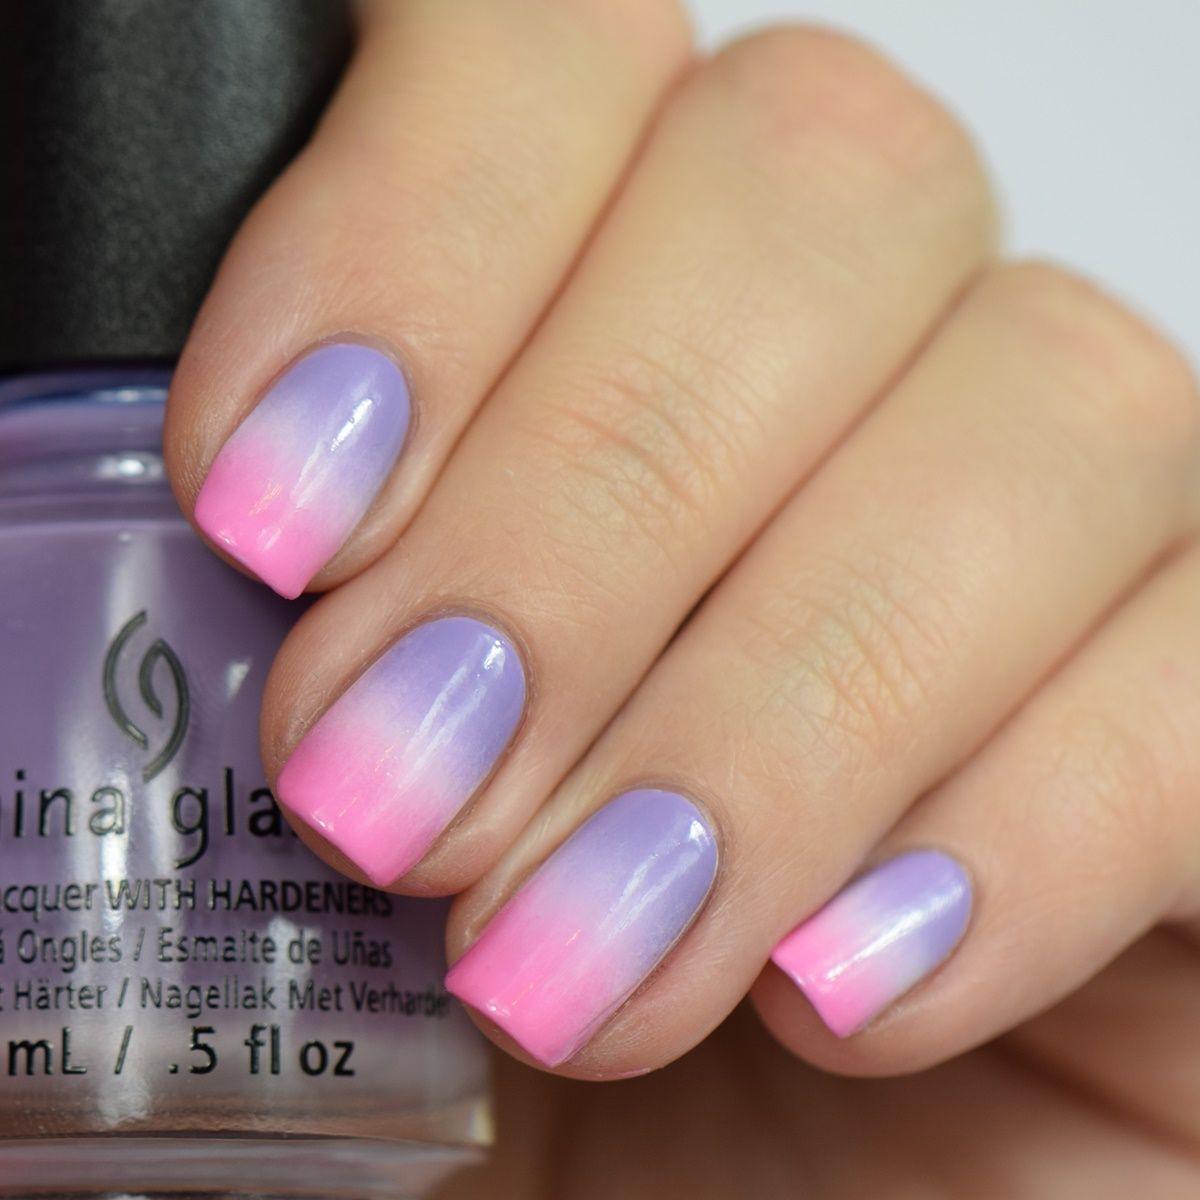 gradient nails pink und lila nageldesign nailart nageldesign pinterest. Black Bedroom Furniture Sets. Home Design Ideas